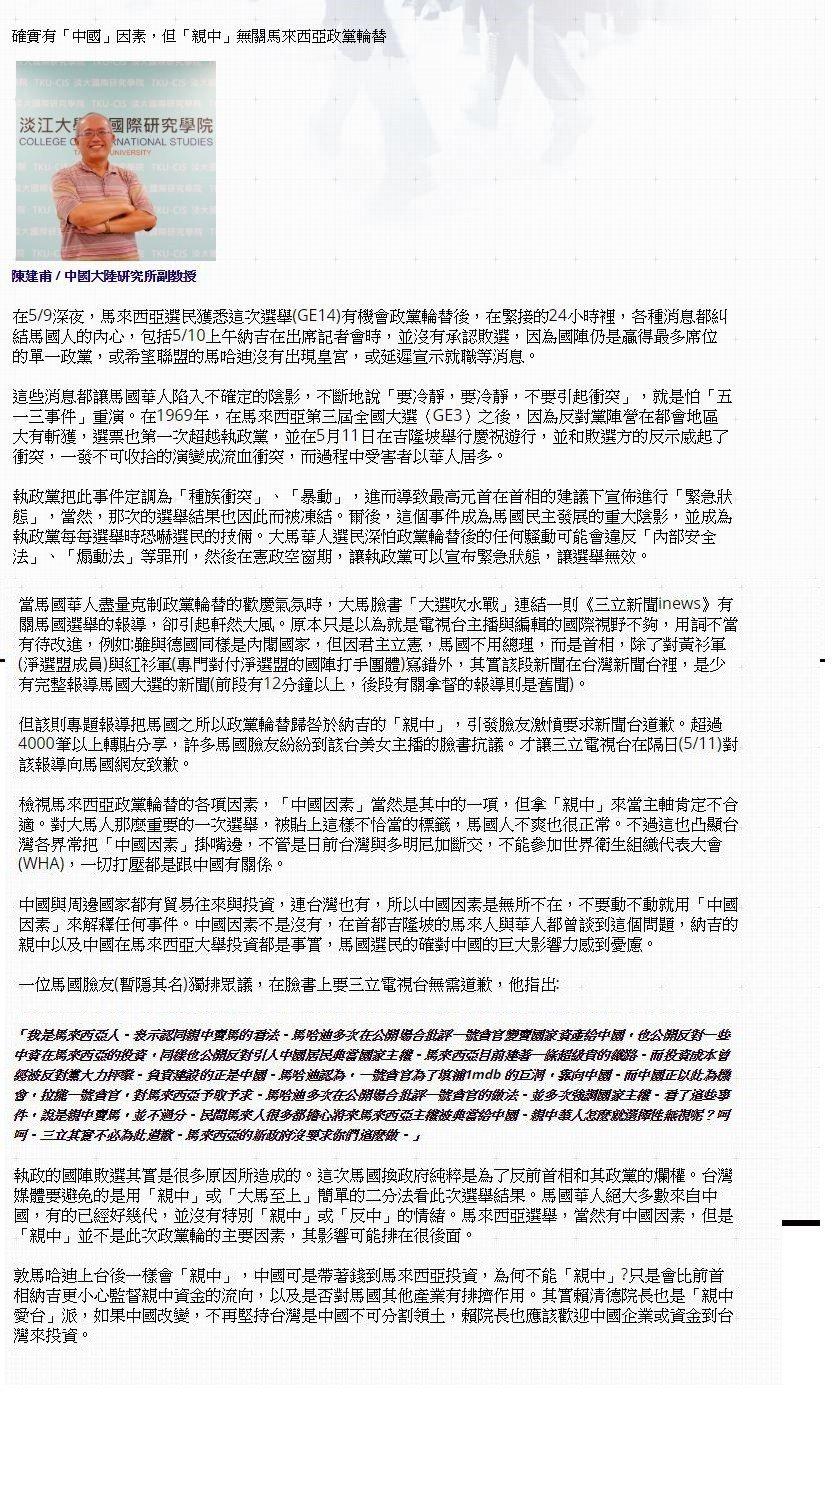 淡江大學國際研究學院截圖